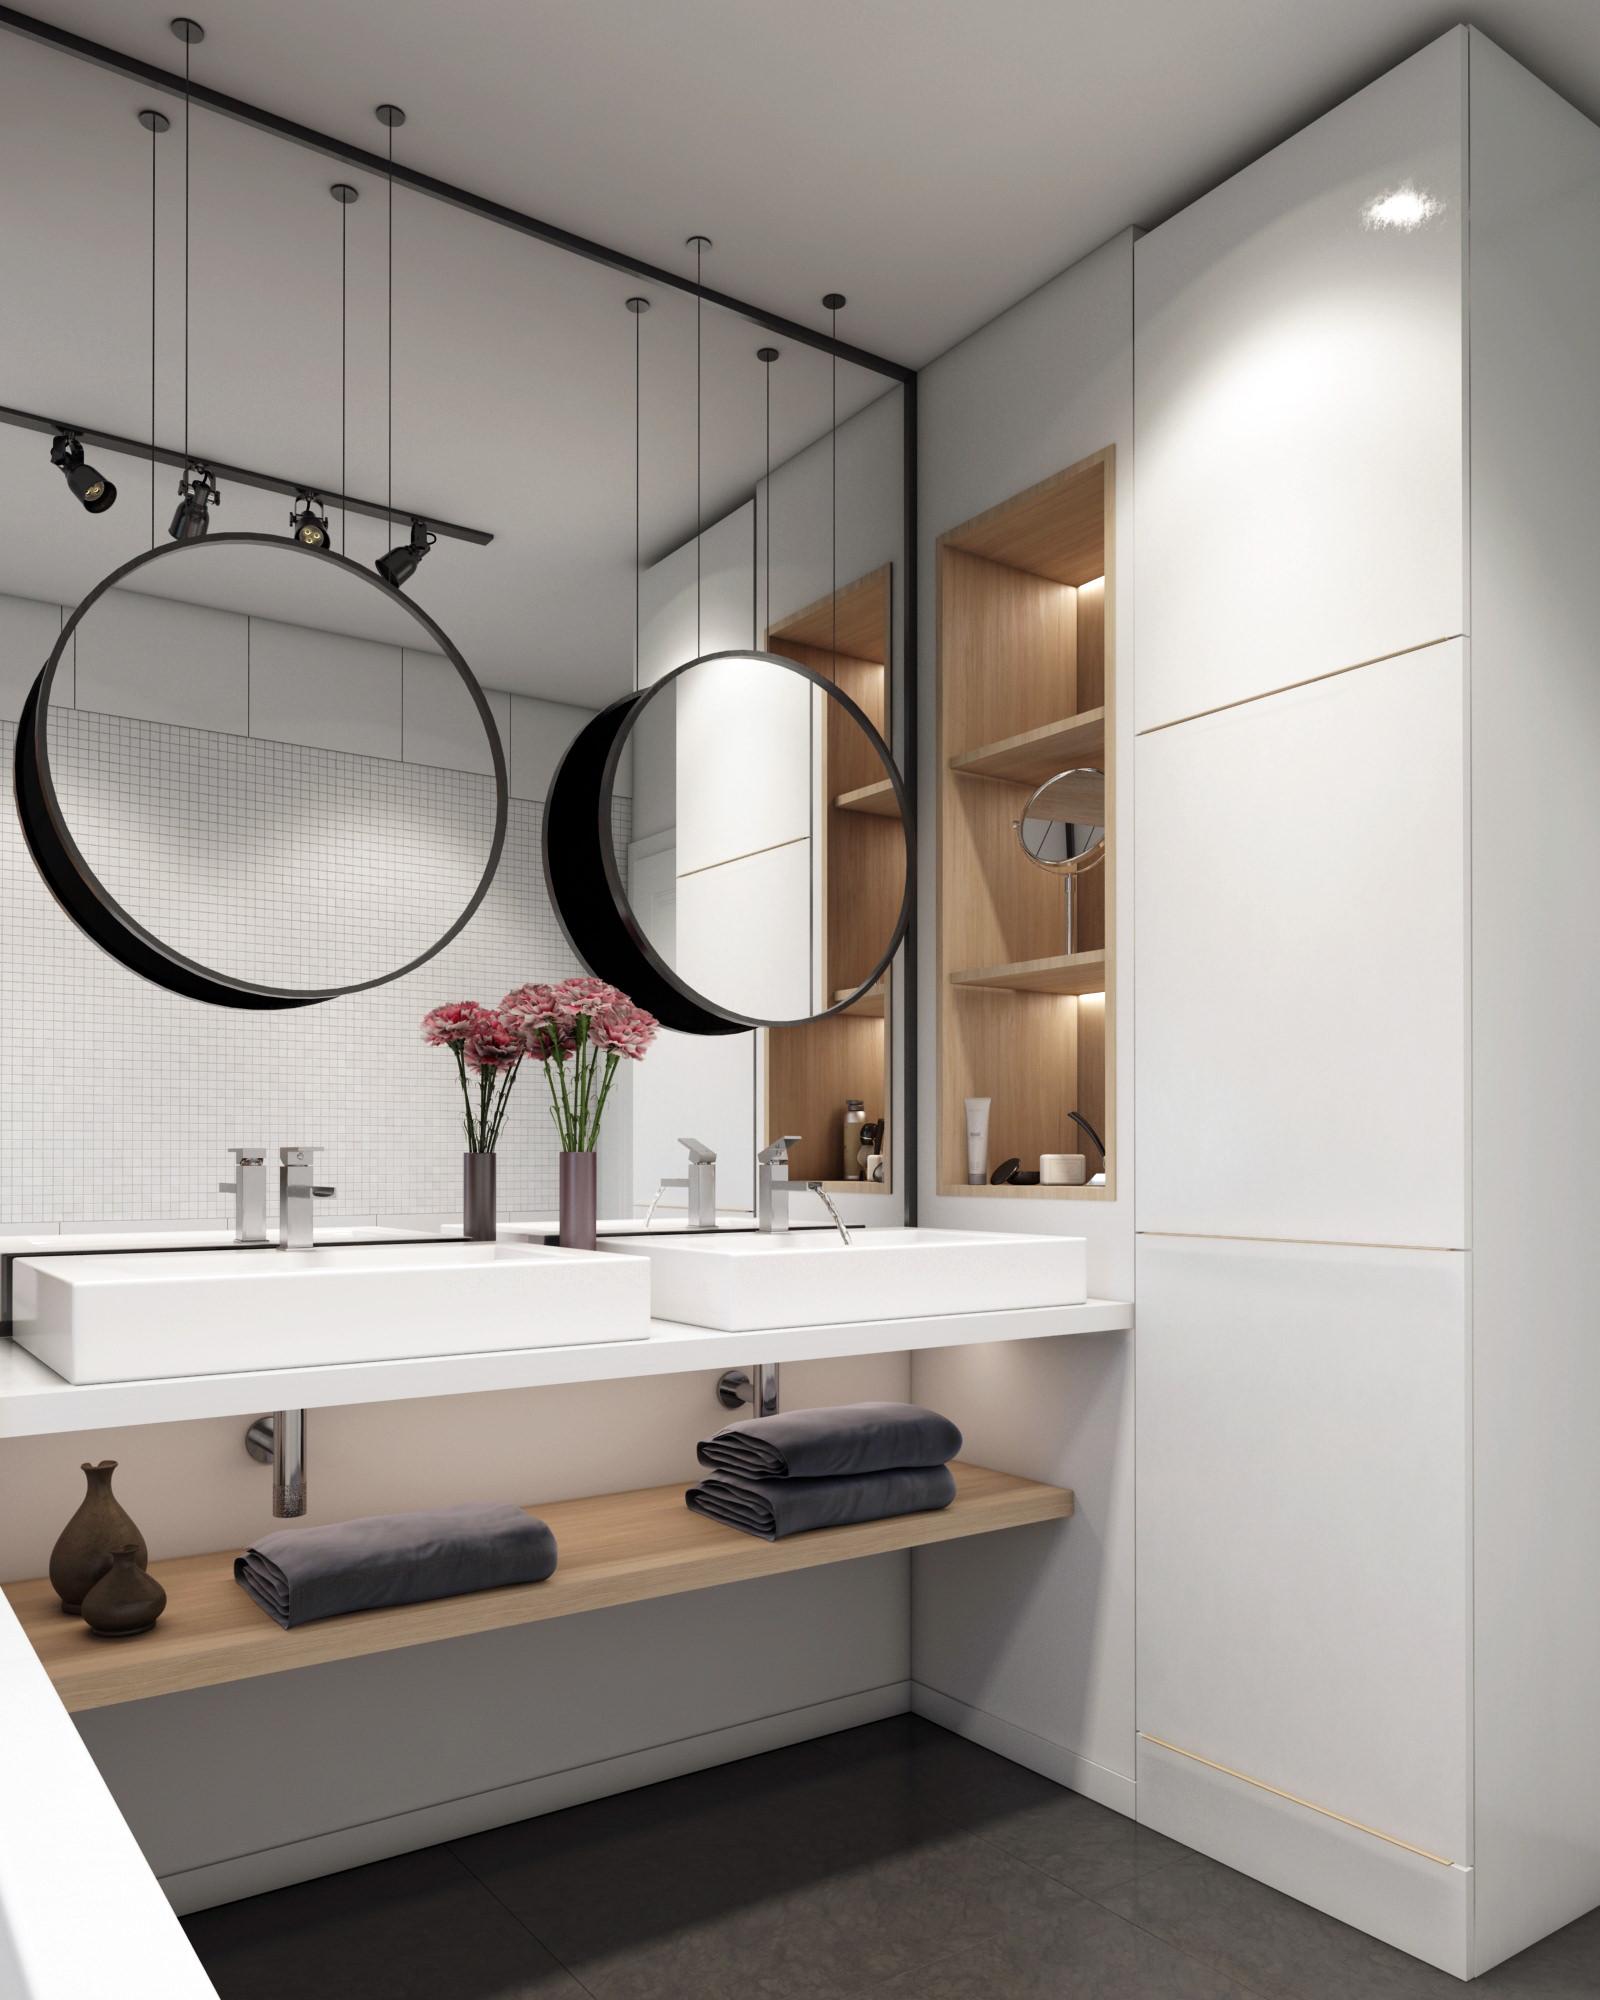 Visuels de salle de bain : quels usages pour quel marketing ?